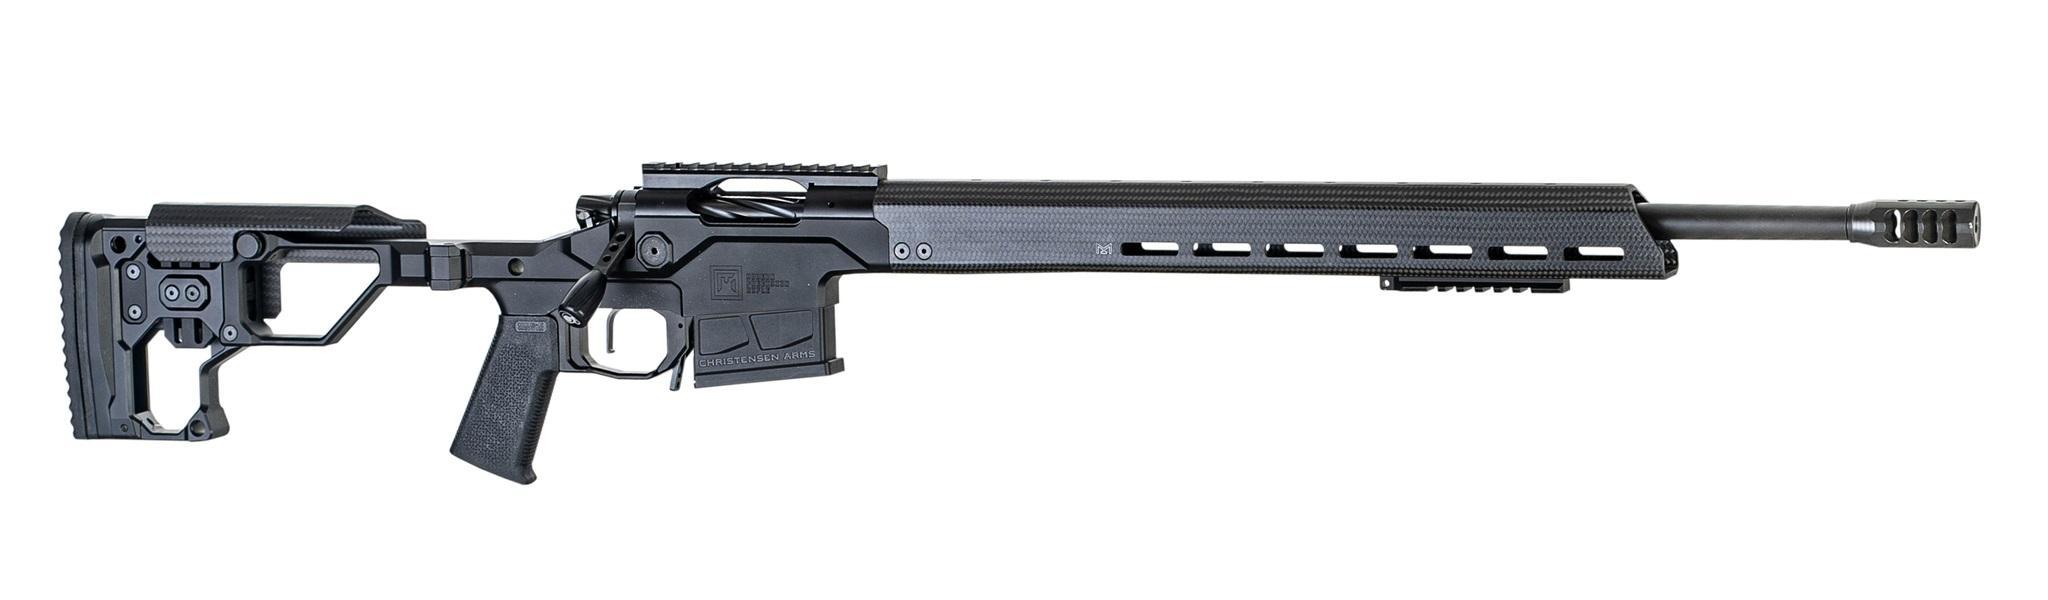 MPR STEEL 6.5PRC BLACK 24 - 801-03023-00